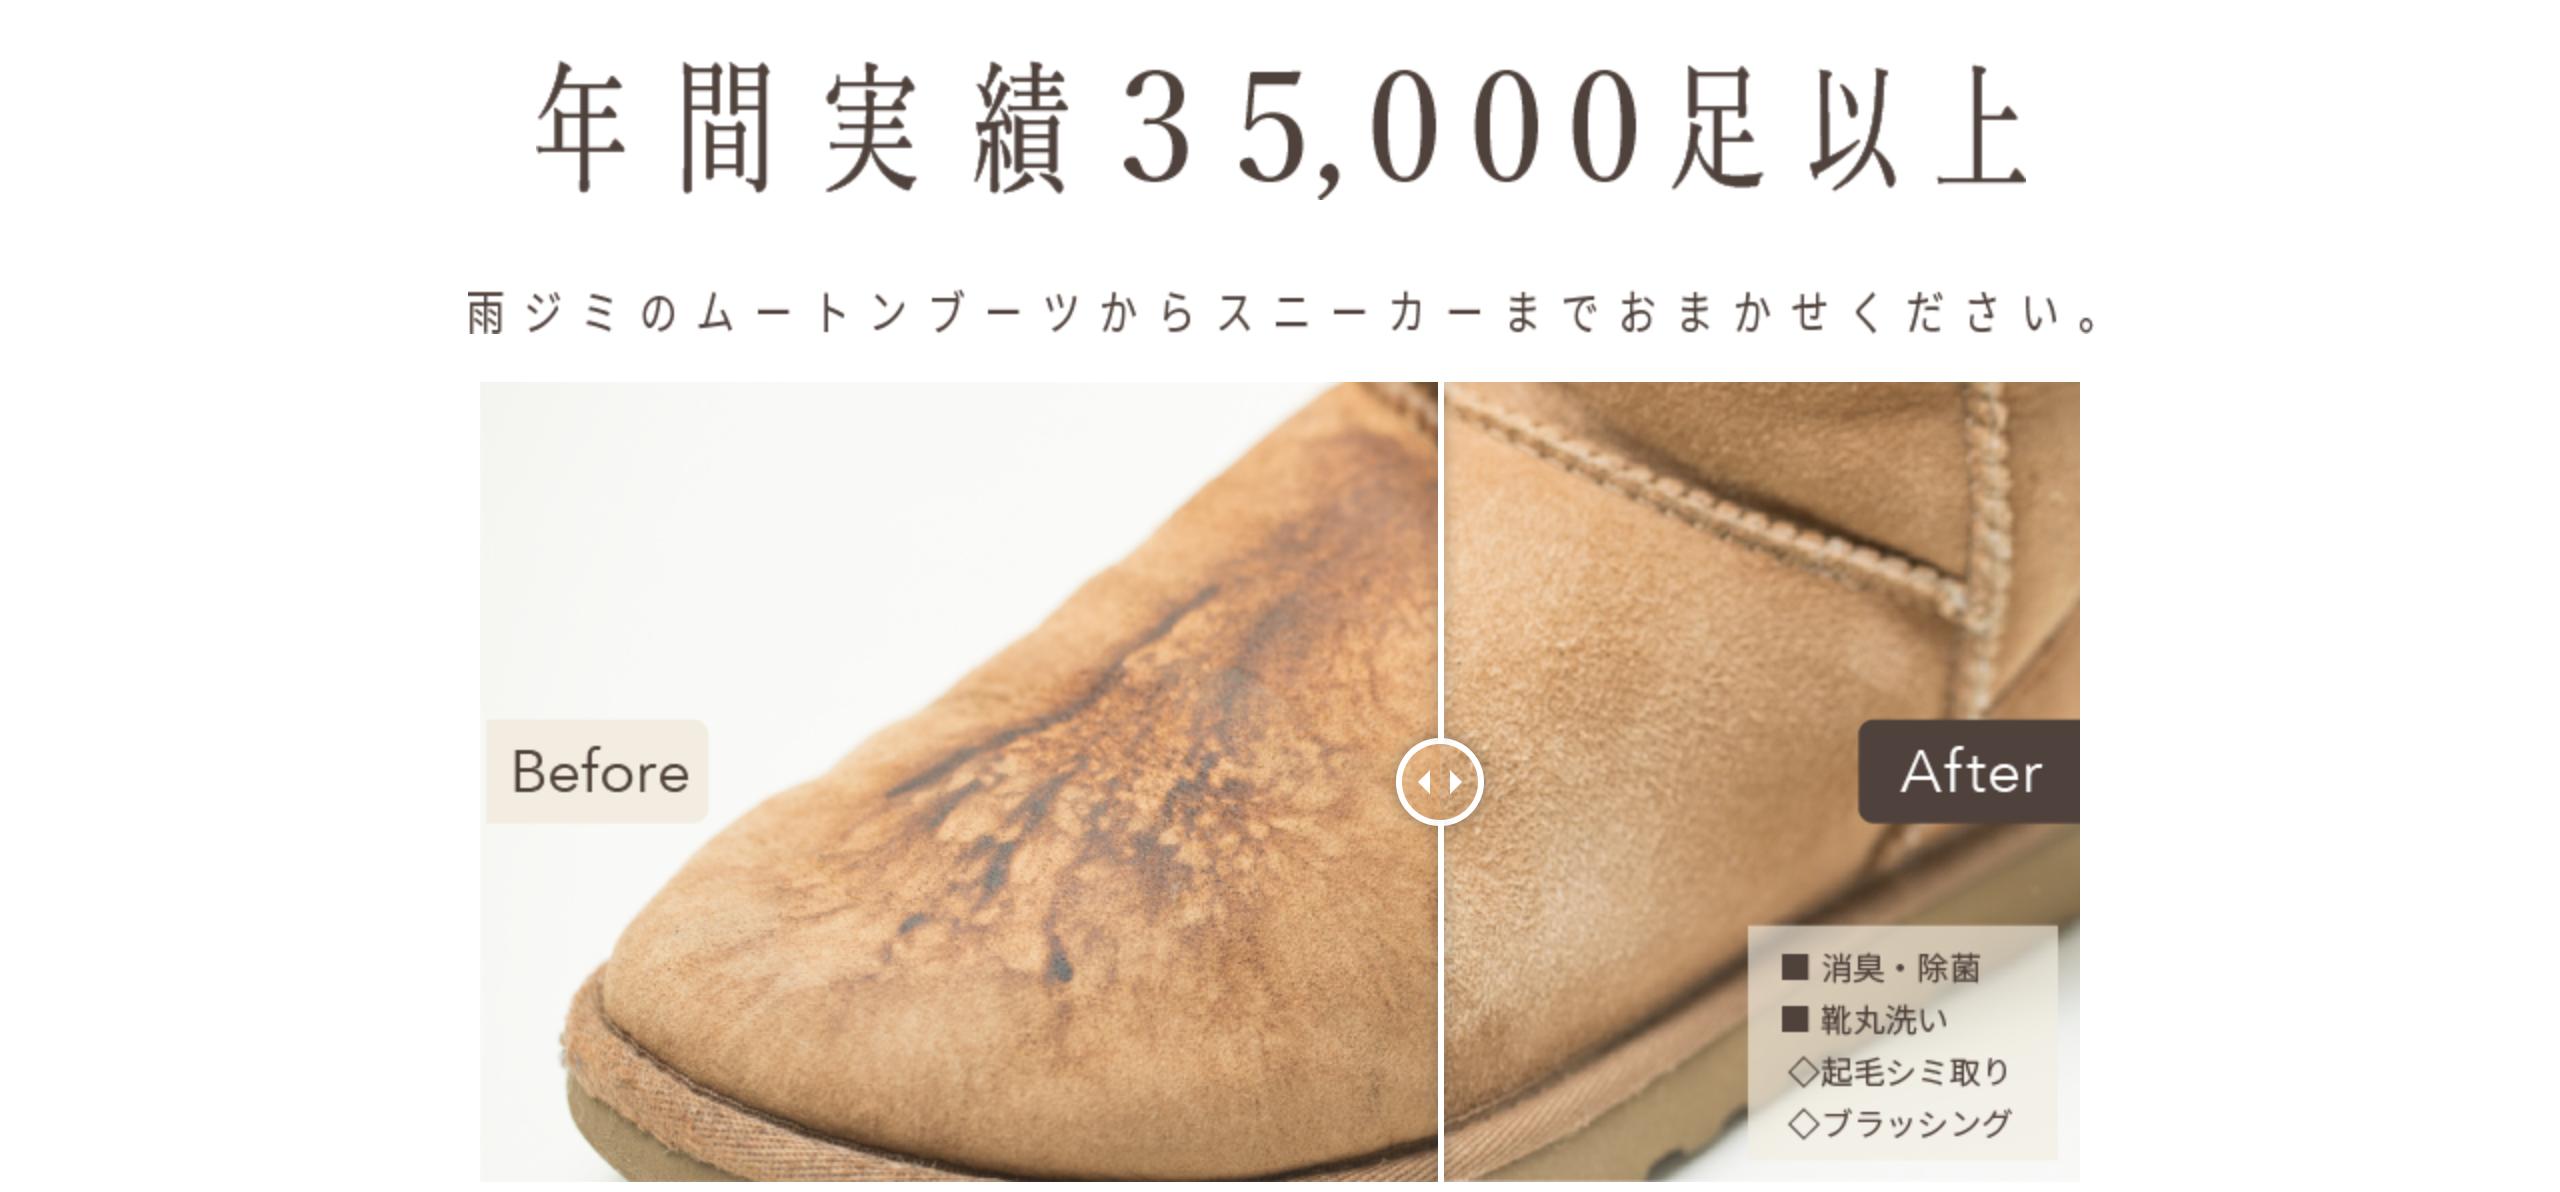 靴リネットのクリーニングのオススメポイント